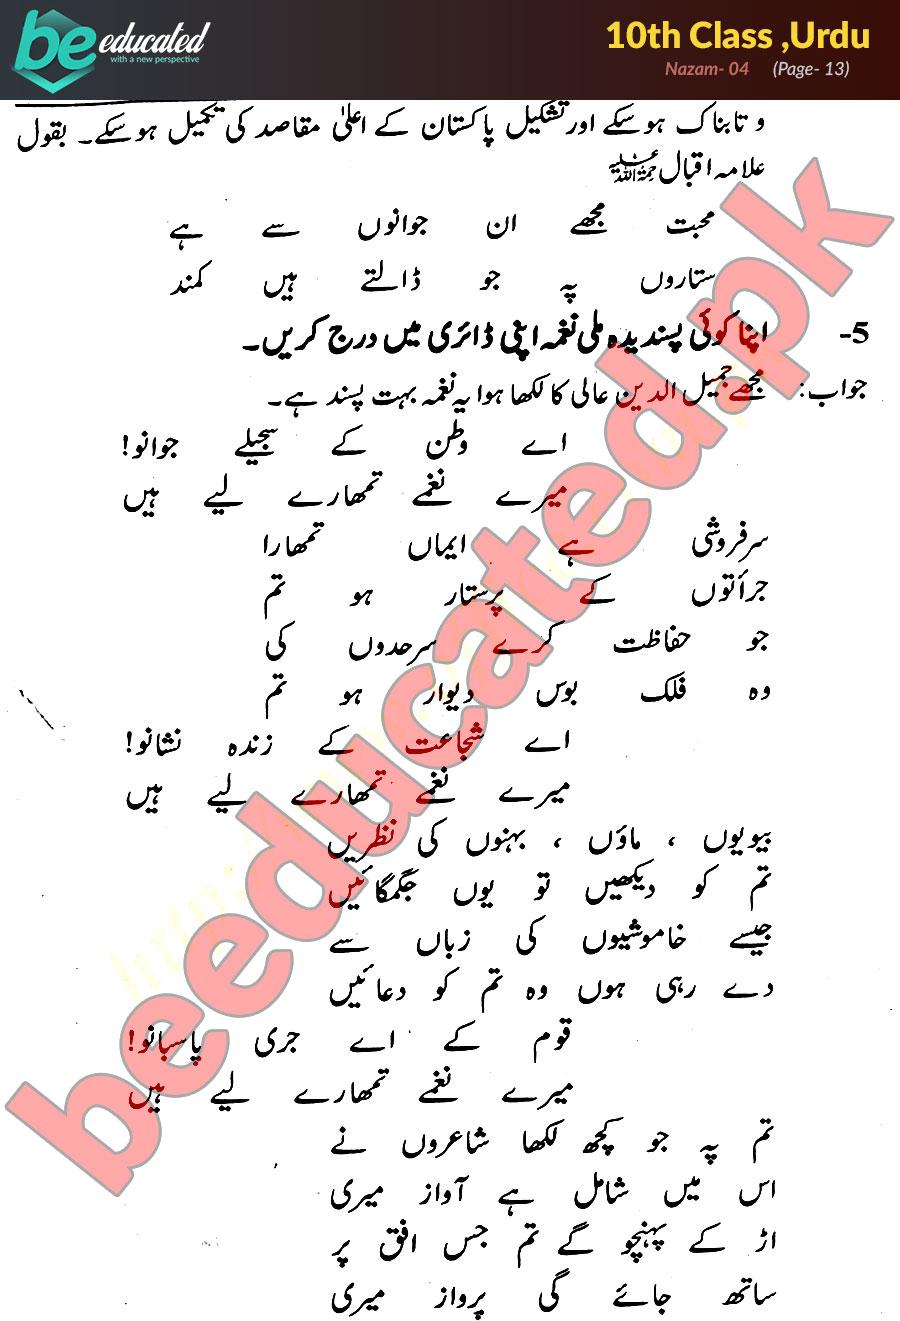 Poem 4 Urdu 10th Class Notes Matric Part 2 Notes